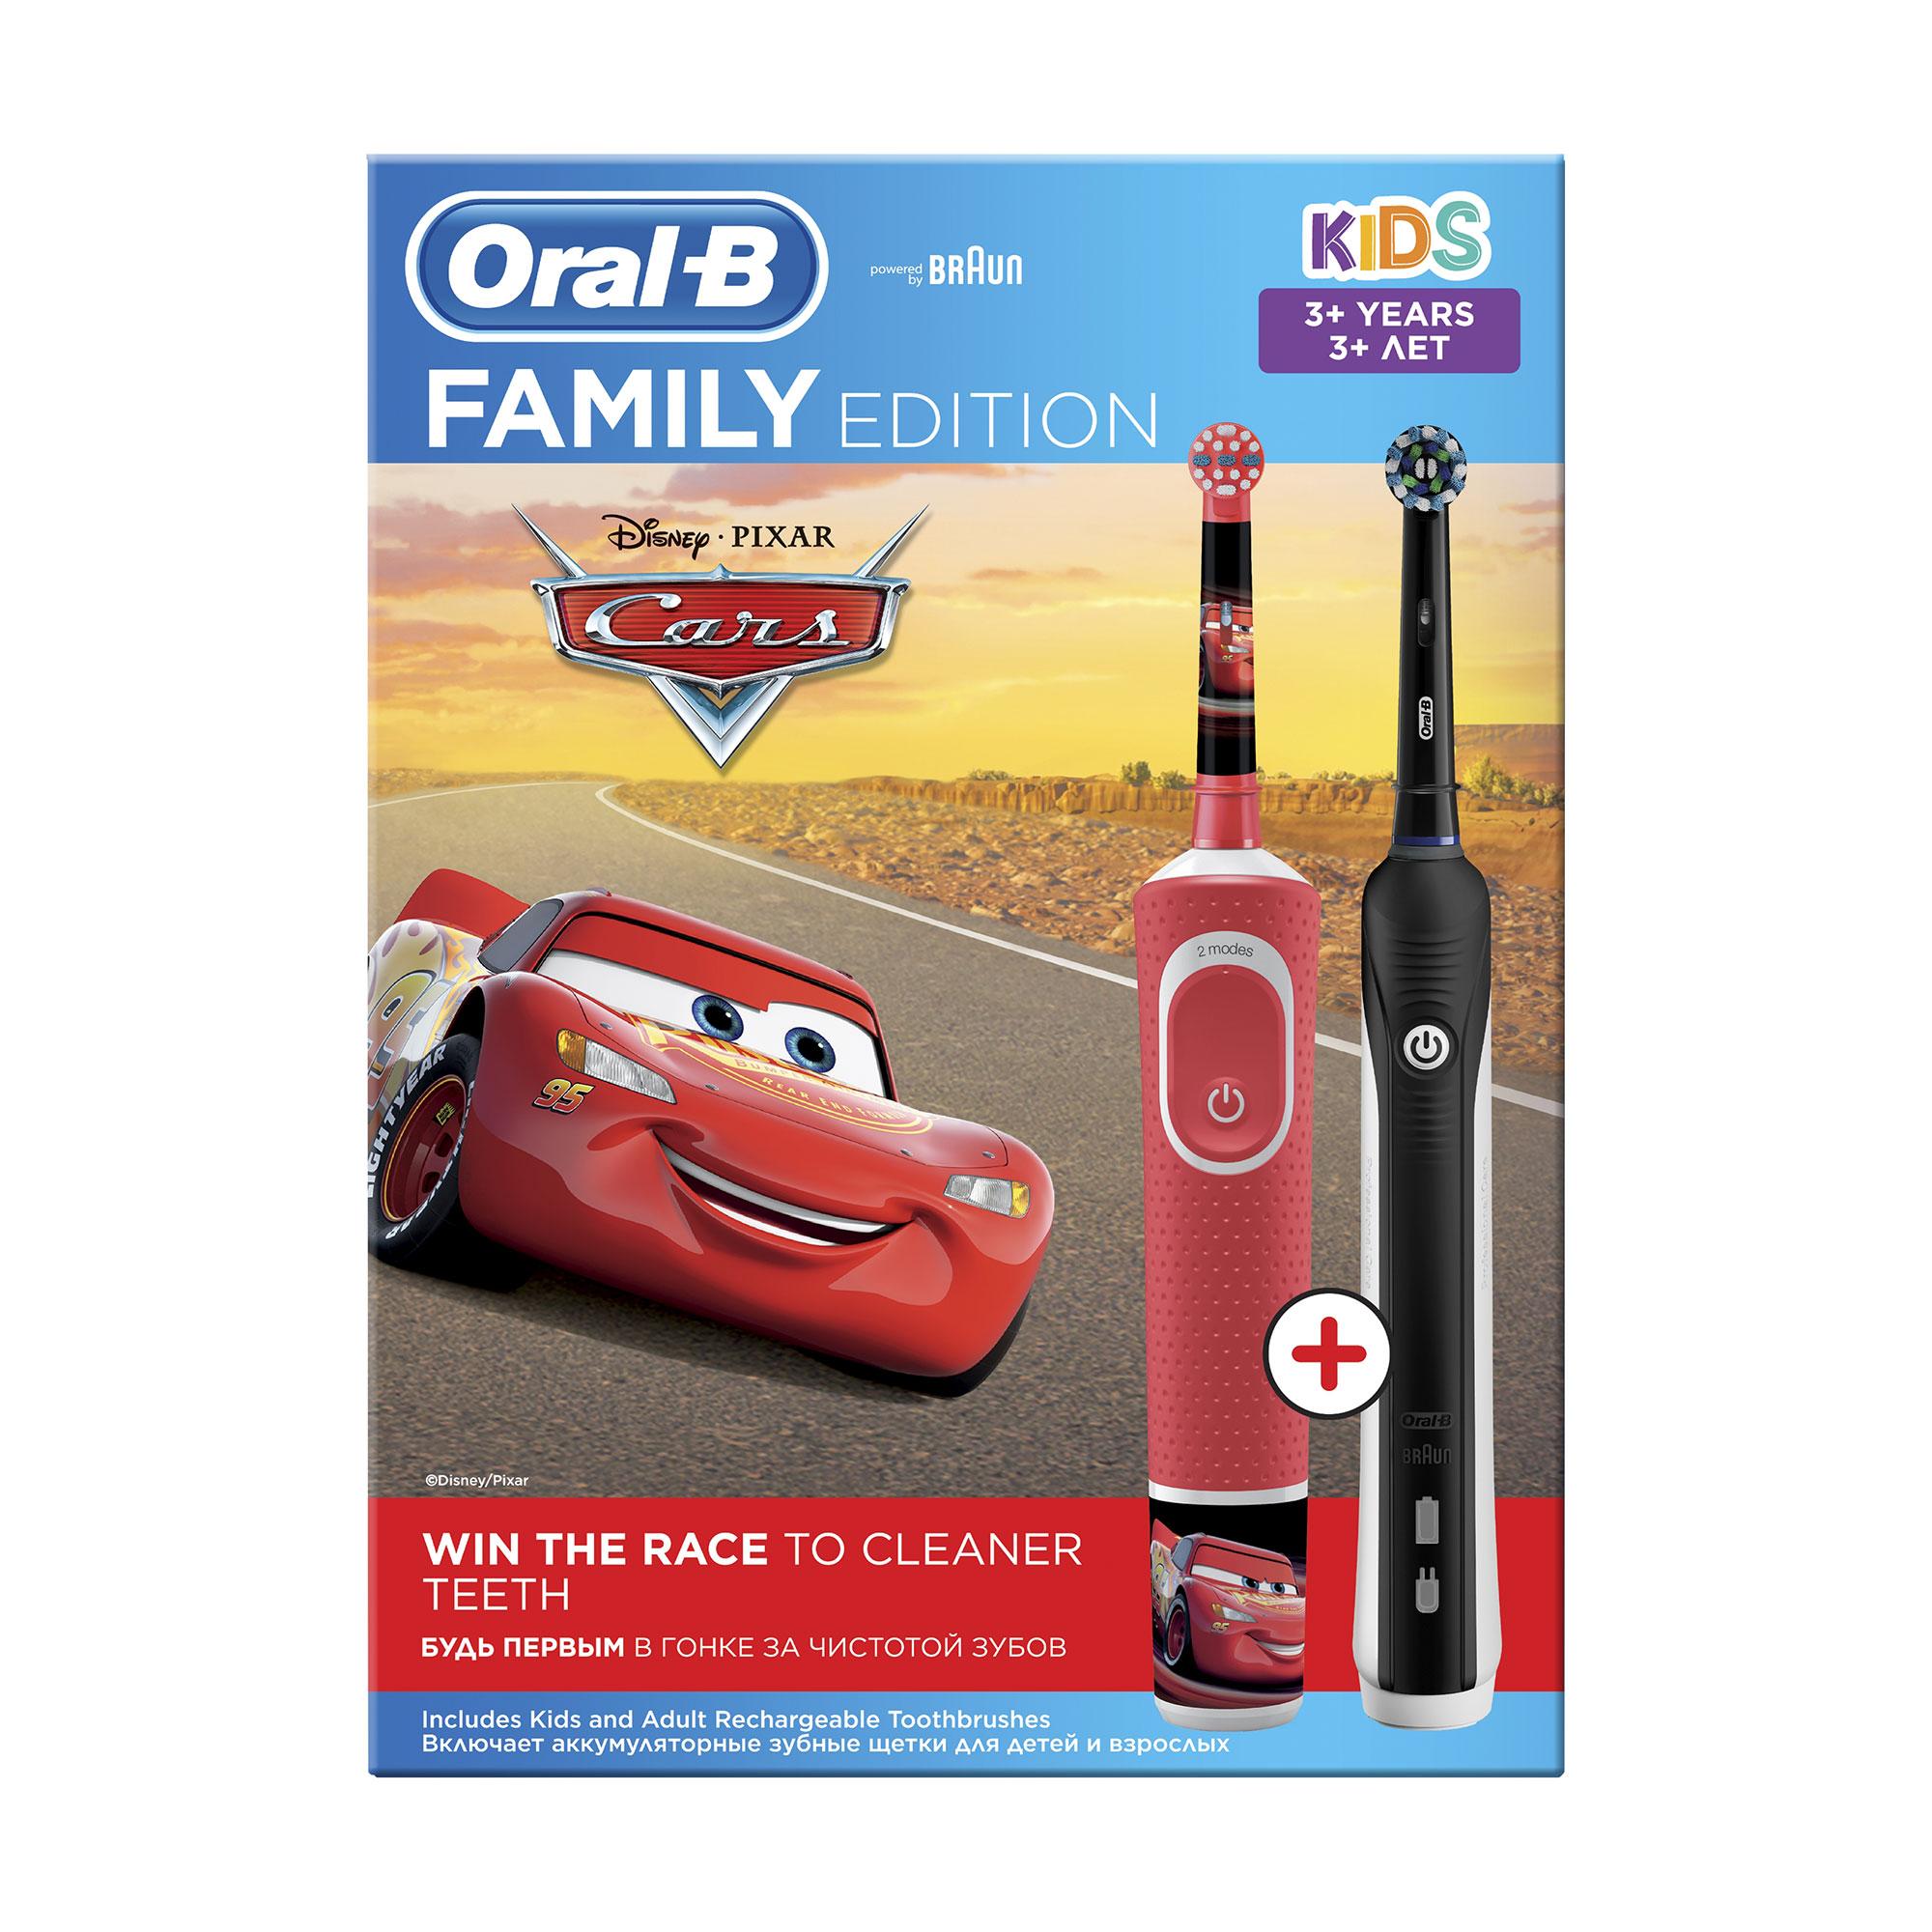 Набір електричних зубних щіток Oral-B Pro 750 & Kids Cars Family Edition, 2 шт